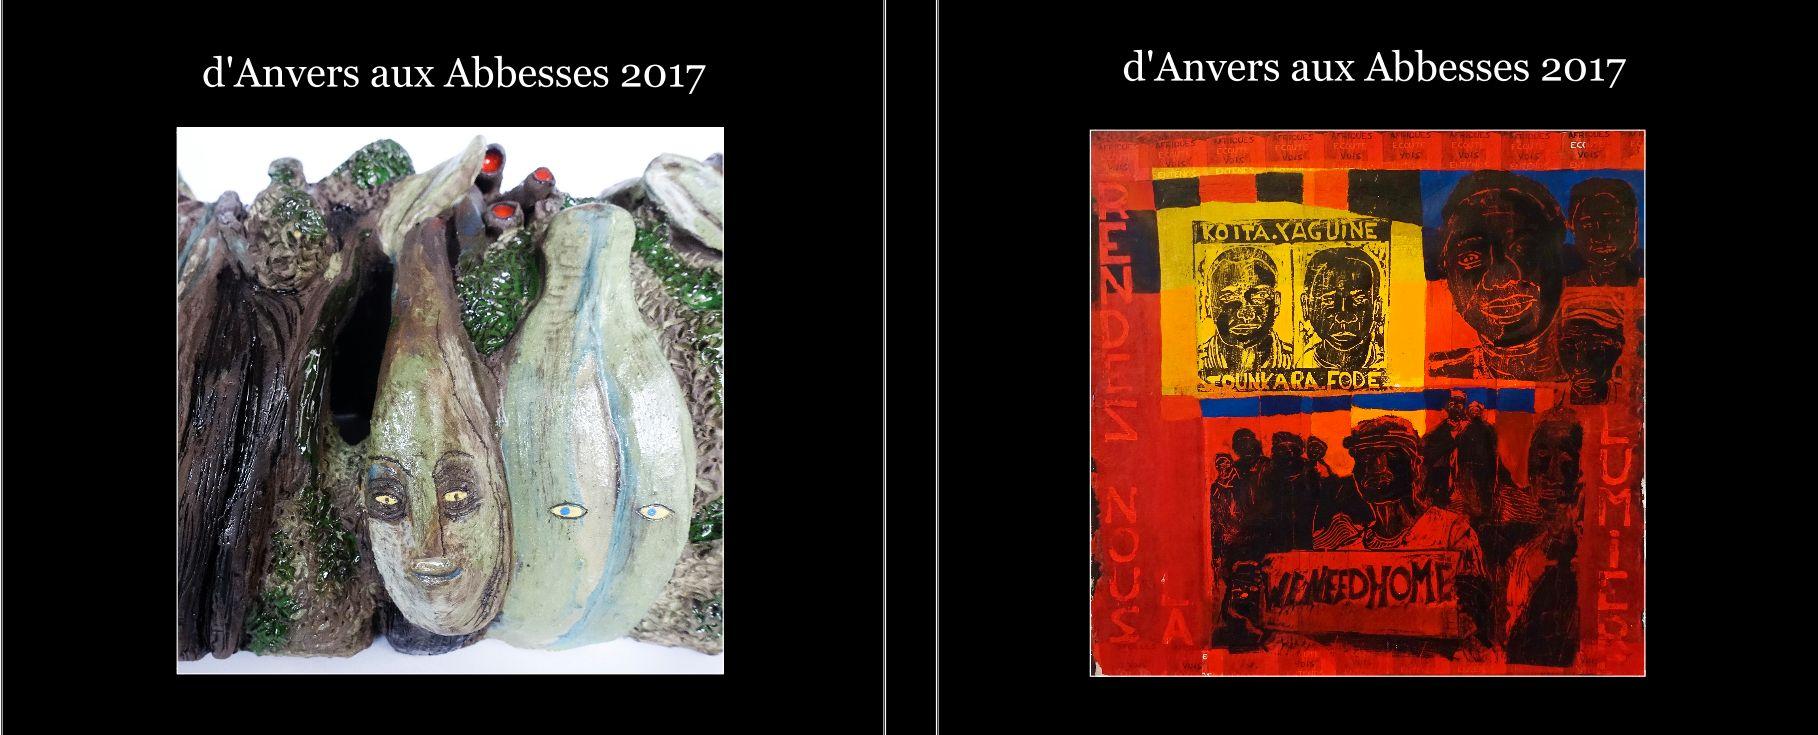 Le livre d'Anvers aux Abbesses 2017 (couverture)